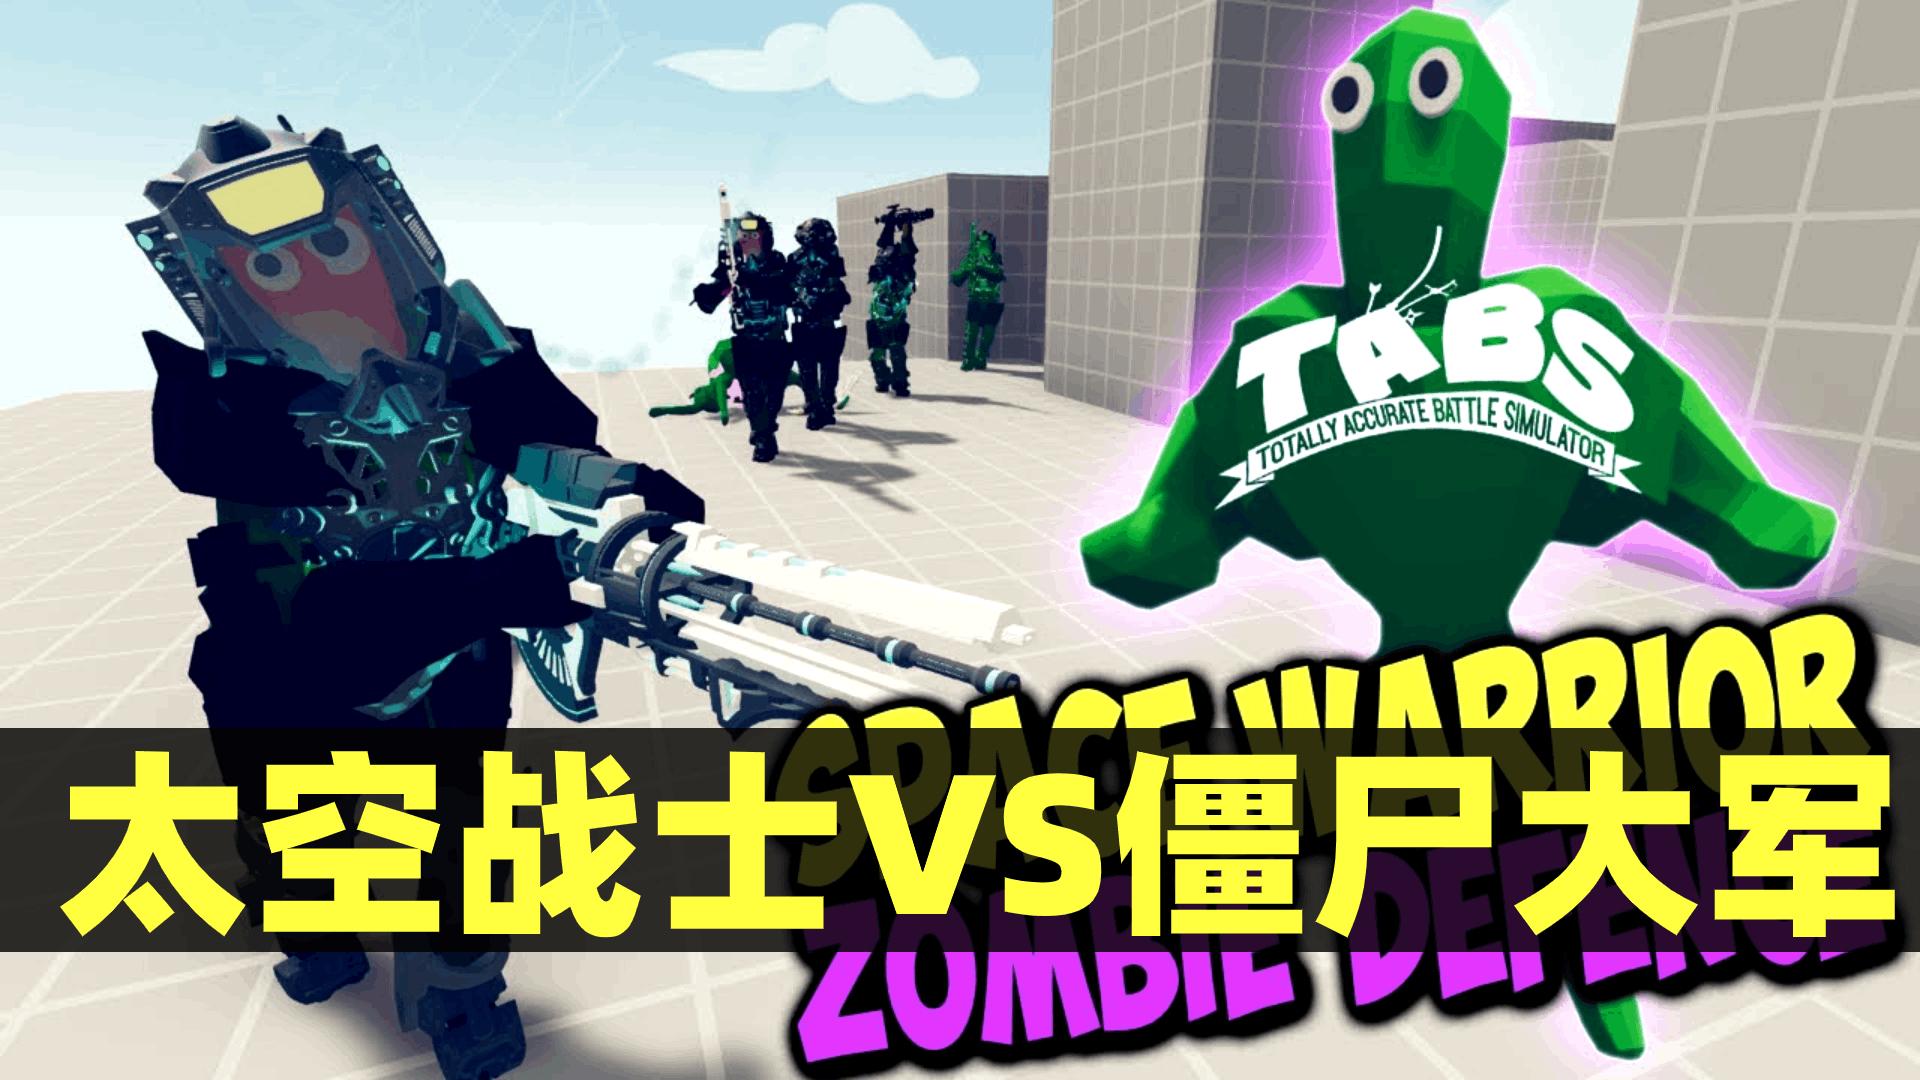 全面战争模拟器:太空战士VS僵尸大军!